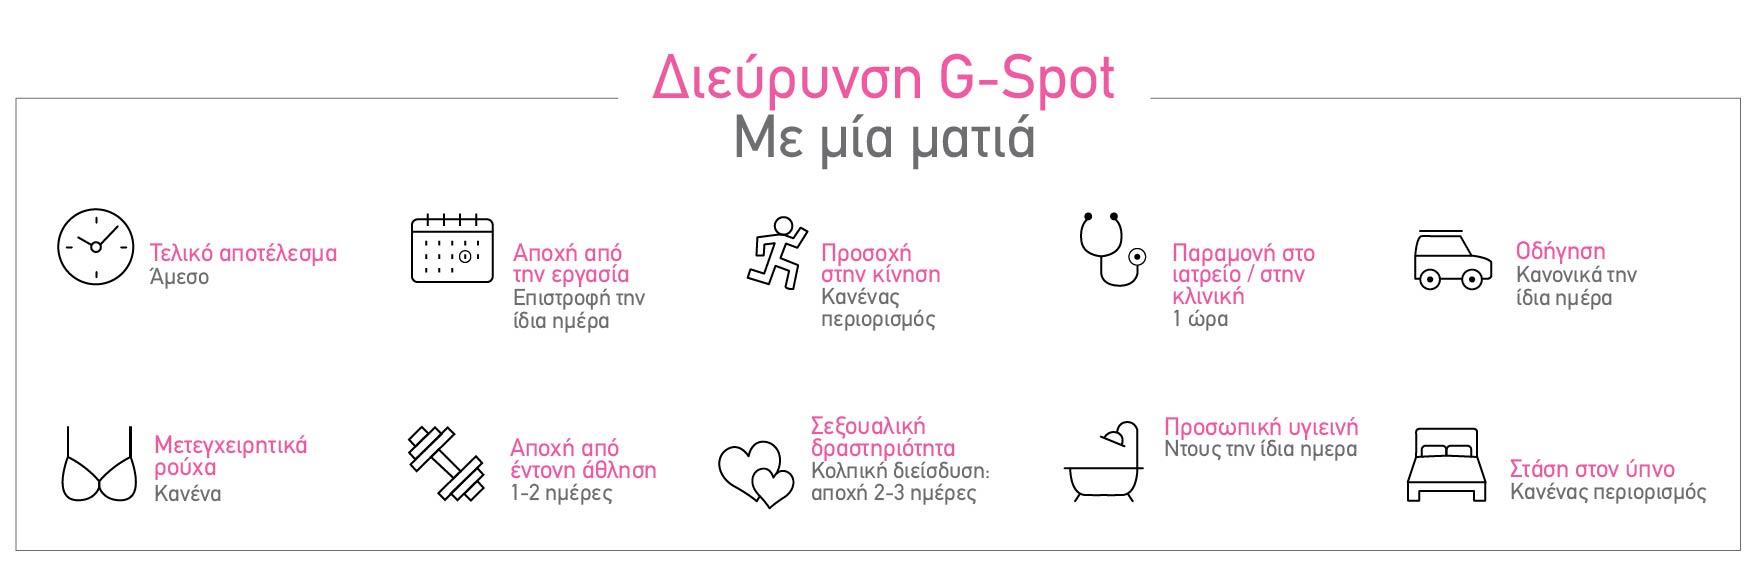 Διεύρυνση G-Spot